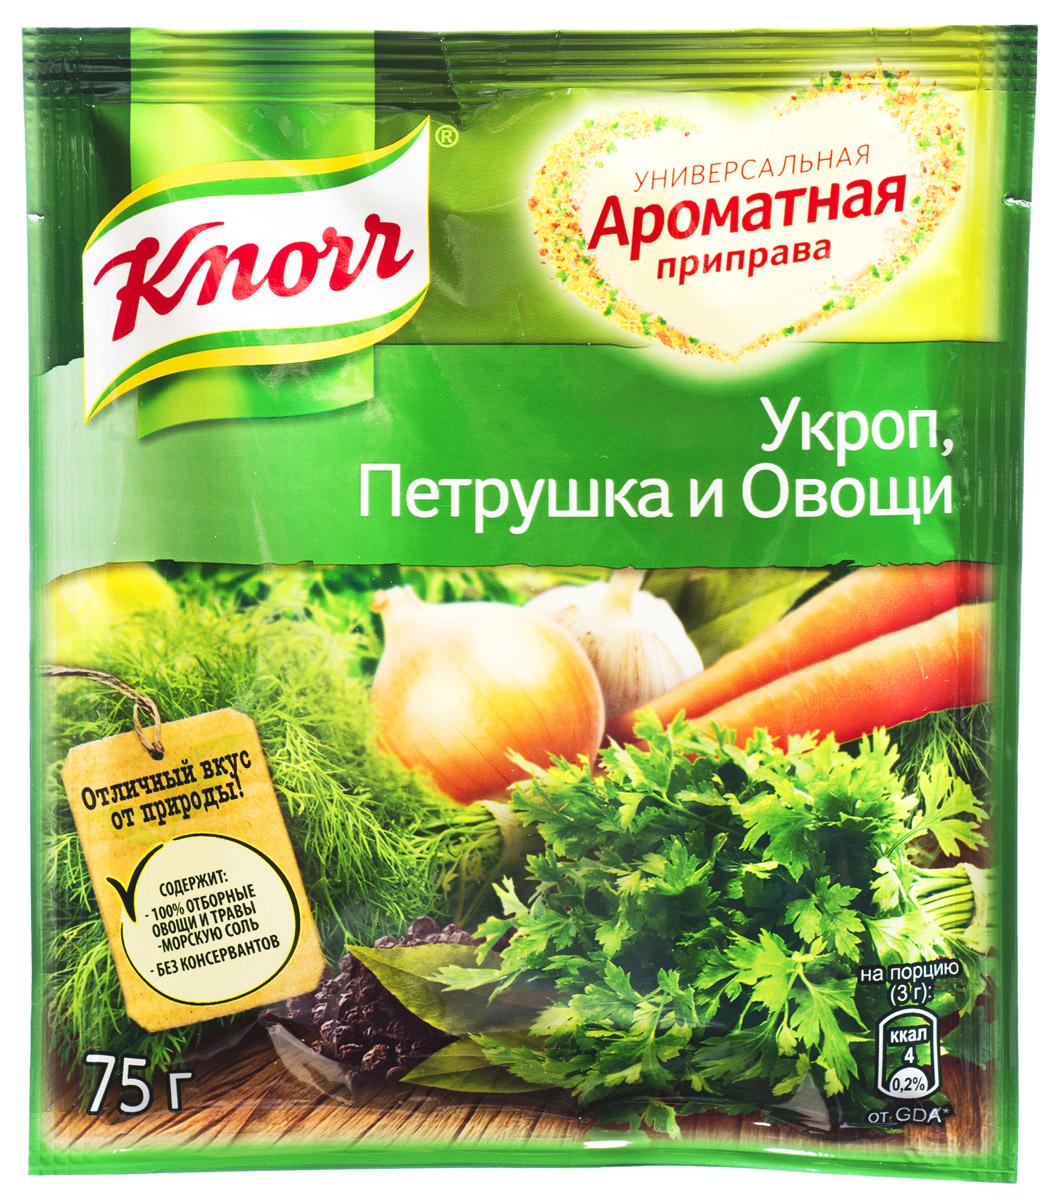 Knorr Ароматная приправа, 75 г0120710Выращенные с любовью натуральные спелые овощи мы дополнили знакомыми травами: укропом и петрушкой. Добавьте Ароматную приправу, и кухню наполнит пикантный аромат свежей зелени! Правильные пропорции любимых трав в сочетании с полезной морской солью в составе придадут вашим блюдам сбалансированный вкус.Всем привычное и любимое сочетание укропа и петрушки уходит корнями в исконно русские рецепты наших прабабушек. У каждой хозяйки есть под рукой эти две травки для дополнения и украшения салатов, супов и гарниров. Молодые побеги укропа добавляют в горячие и холодные блюда. Его листья и стебли придают еде освежающий вкус и летний аромат.Если ароматный укроп — северная приправа, то петрушка — южная. Основной ее аромат находится в стеблях, а не в листьях, поэтому для супов, гарниров и вторых блюд ее издавна используют в сушеном виде. Особенно подходит петрушка к рыбным блюдам, придавая нежному рыбному мясу пряный вкус и аромат.Когда овощи и травы попадают в воду, они снова распускаются, даря любому блюду свой вкус и аромат. А полезная морская соль сделает ваши блюда не только ароматными, но и здоровыми!Уважаемые клиенты! Обращаем ваше внимание, что полный перечень состава продукта представлен на дополнительном изображении.